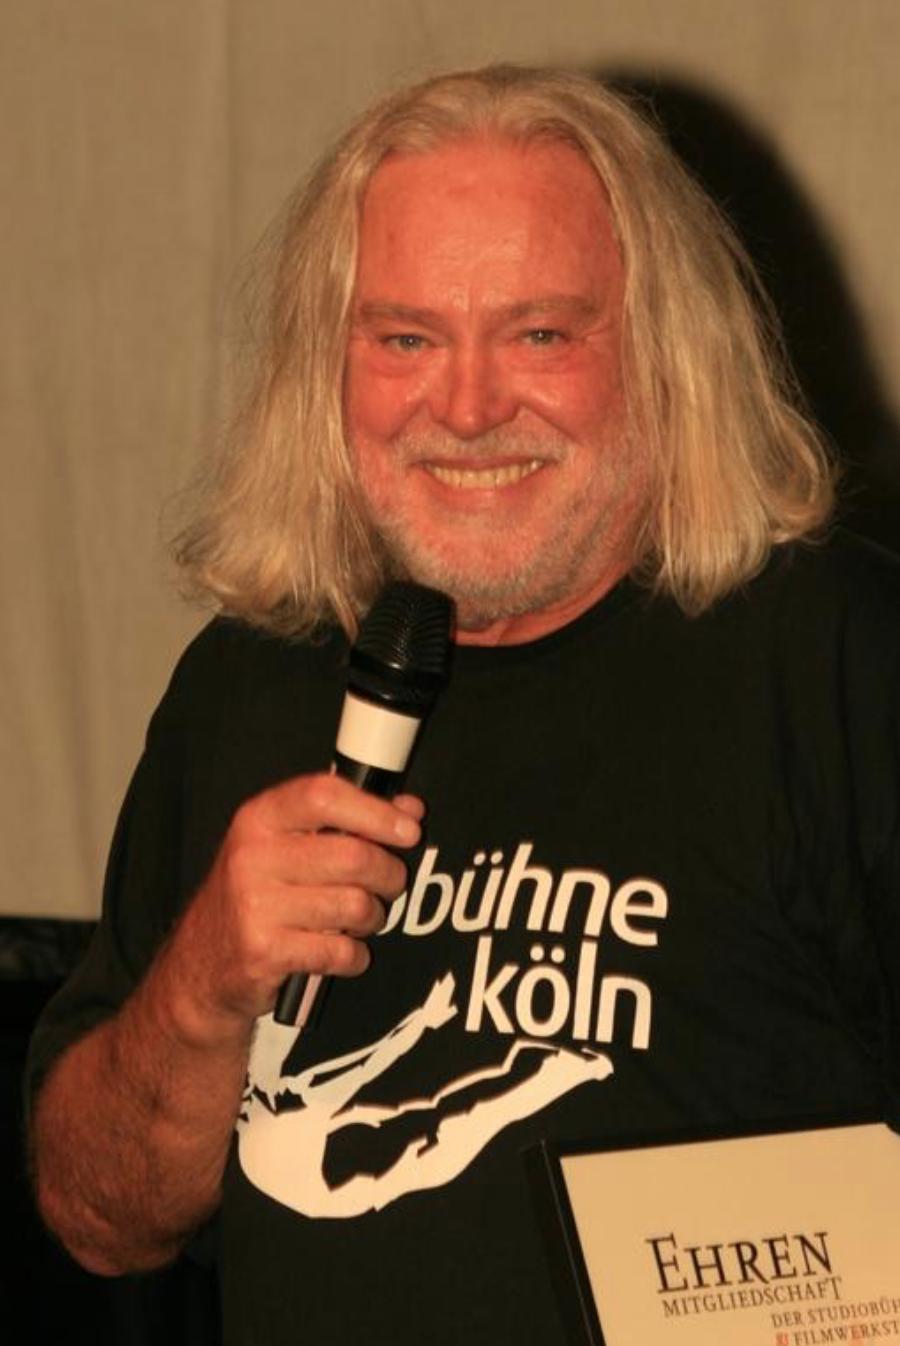 Georg Franke